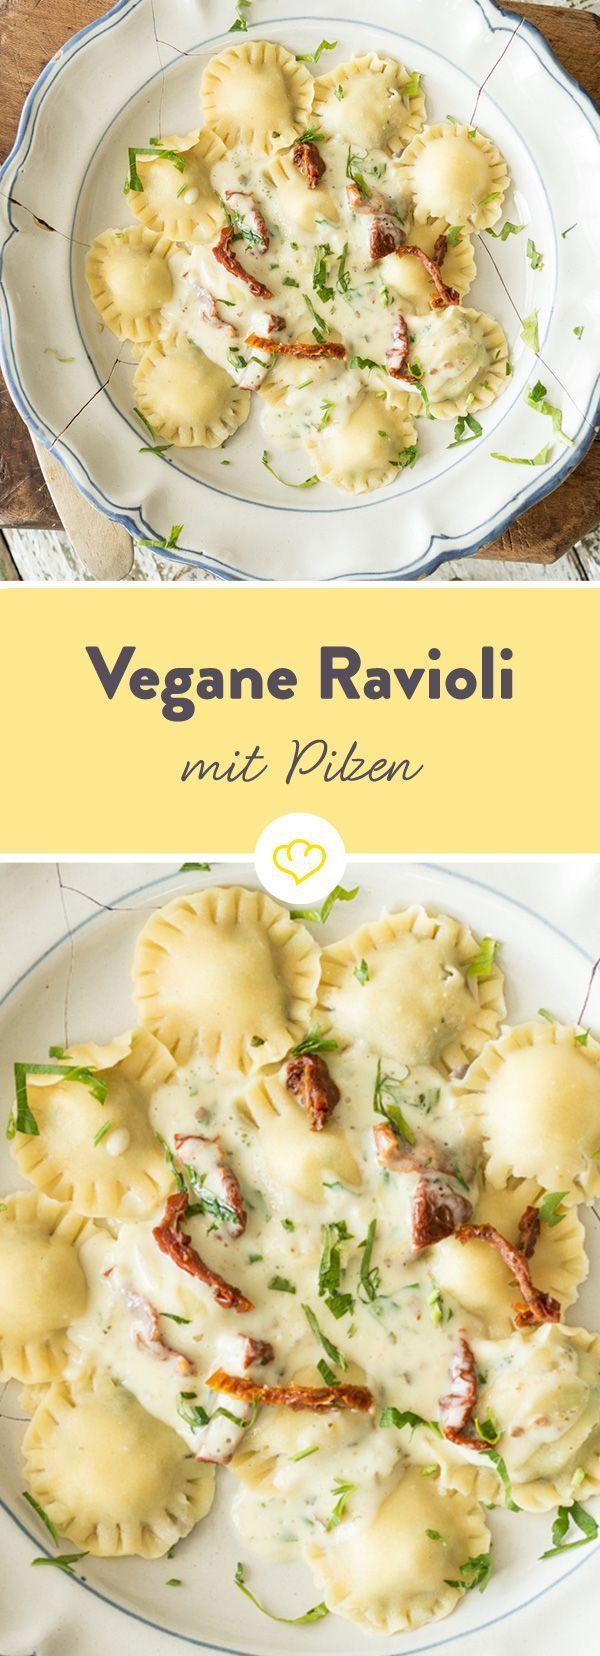 Vegane Ravioli mit Pilzfüllung und Knoblauch-Tomaten-Sauce #diat